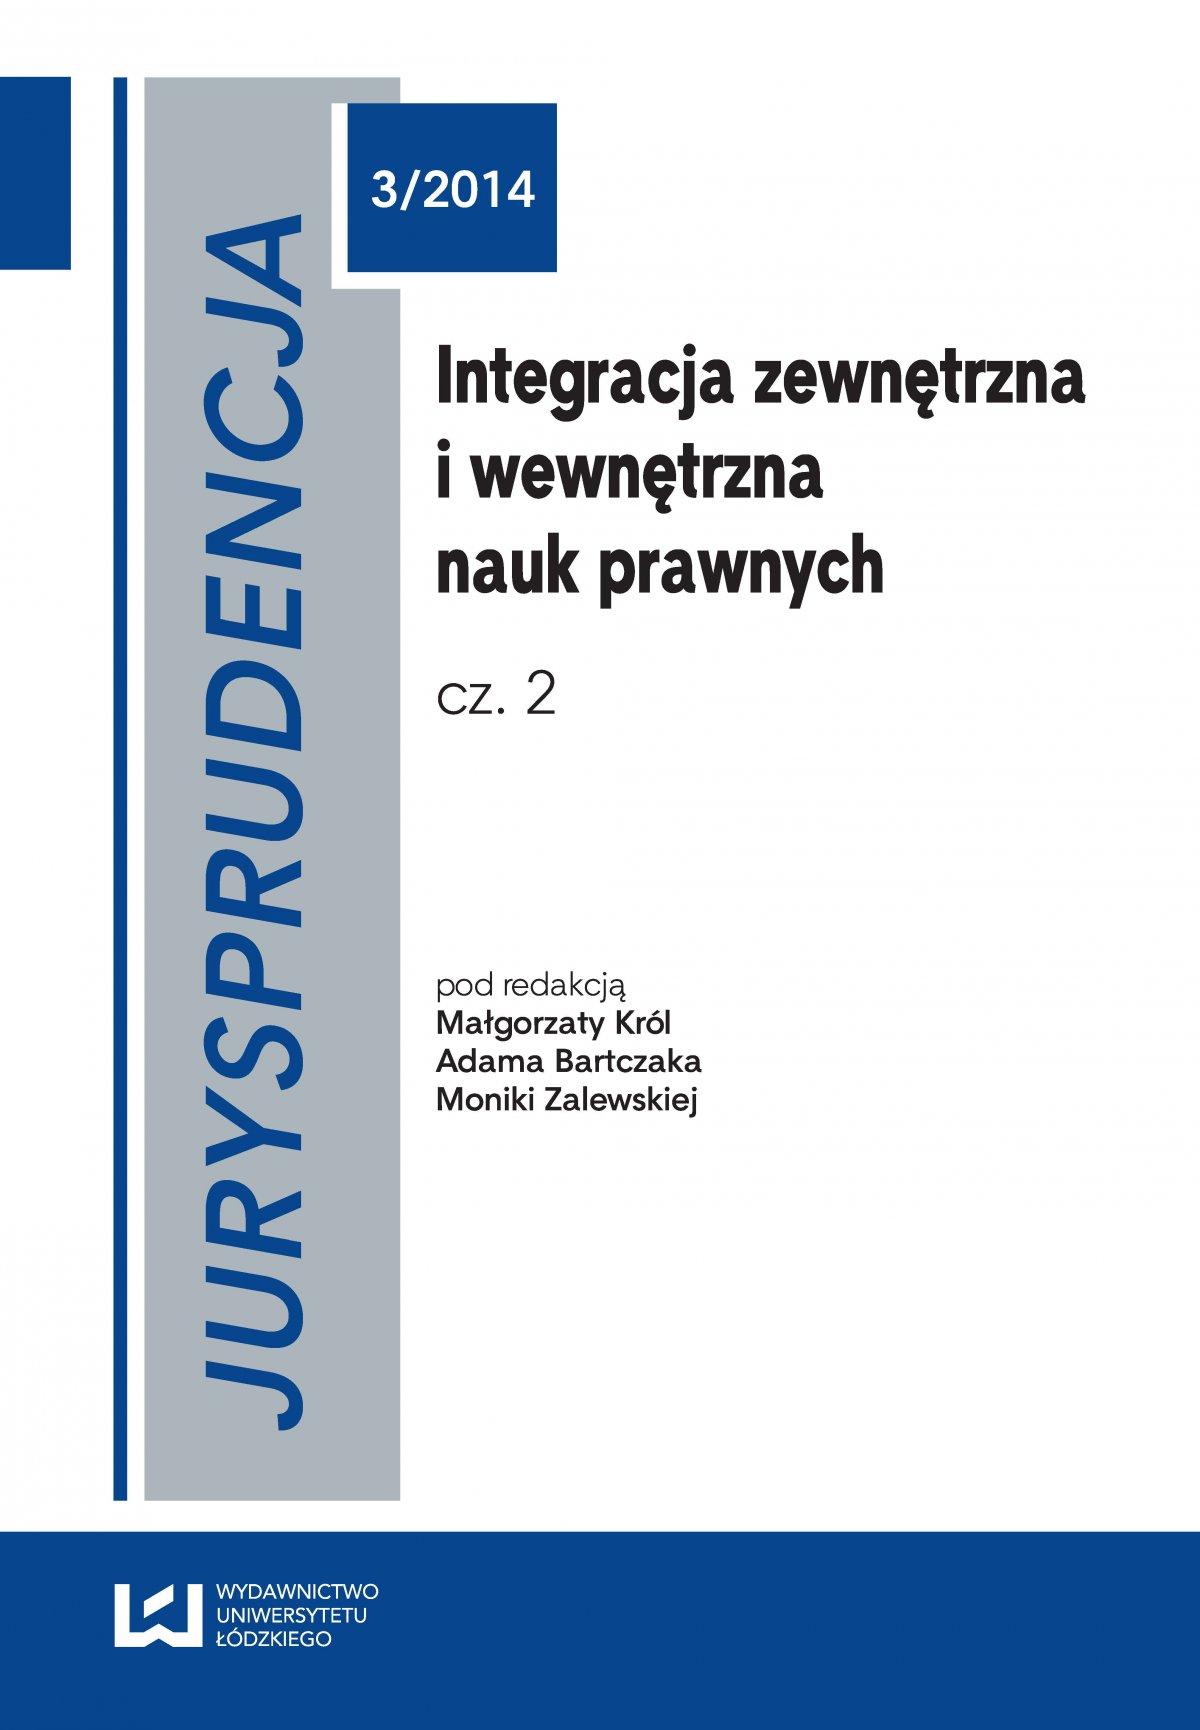 Jurysprudencja 3. Integracja zewnętrzna i wewnętrzna nauk prawnych. Część 2 - Ebook (Książka PDF) do pobrania w formacie PDF